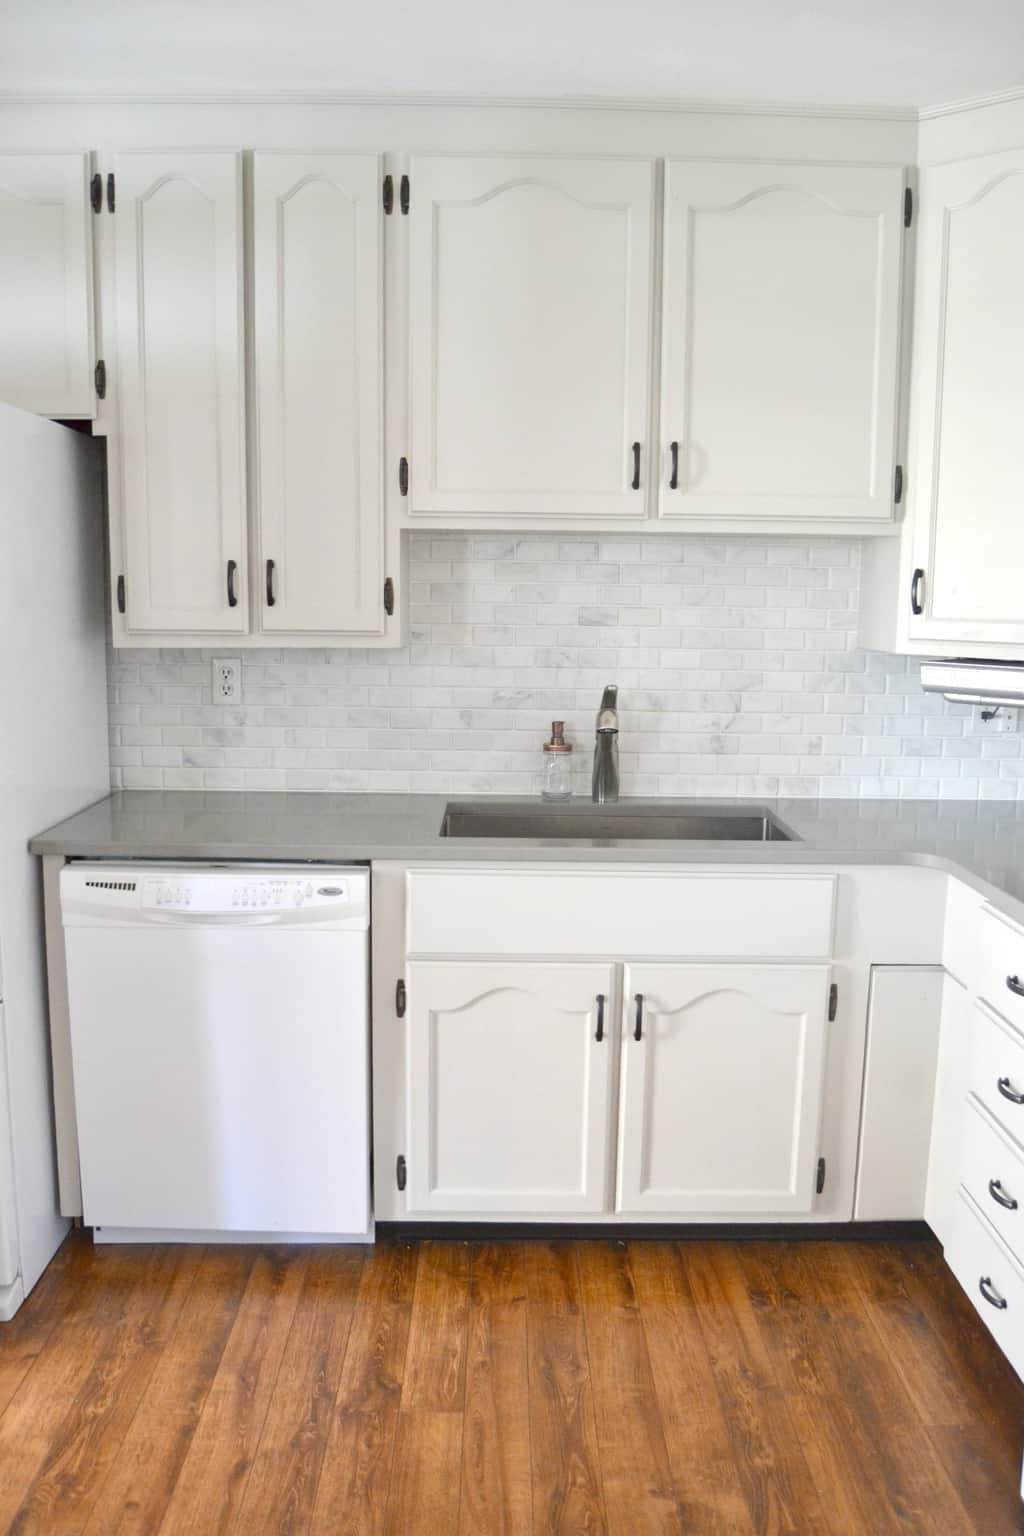 diy kitchen backsplash tile interior home design diy kitchen backsplash tile detailed how to diy backsplash tile installation youtube check out this kitchen